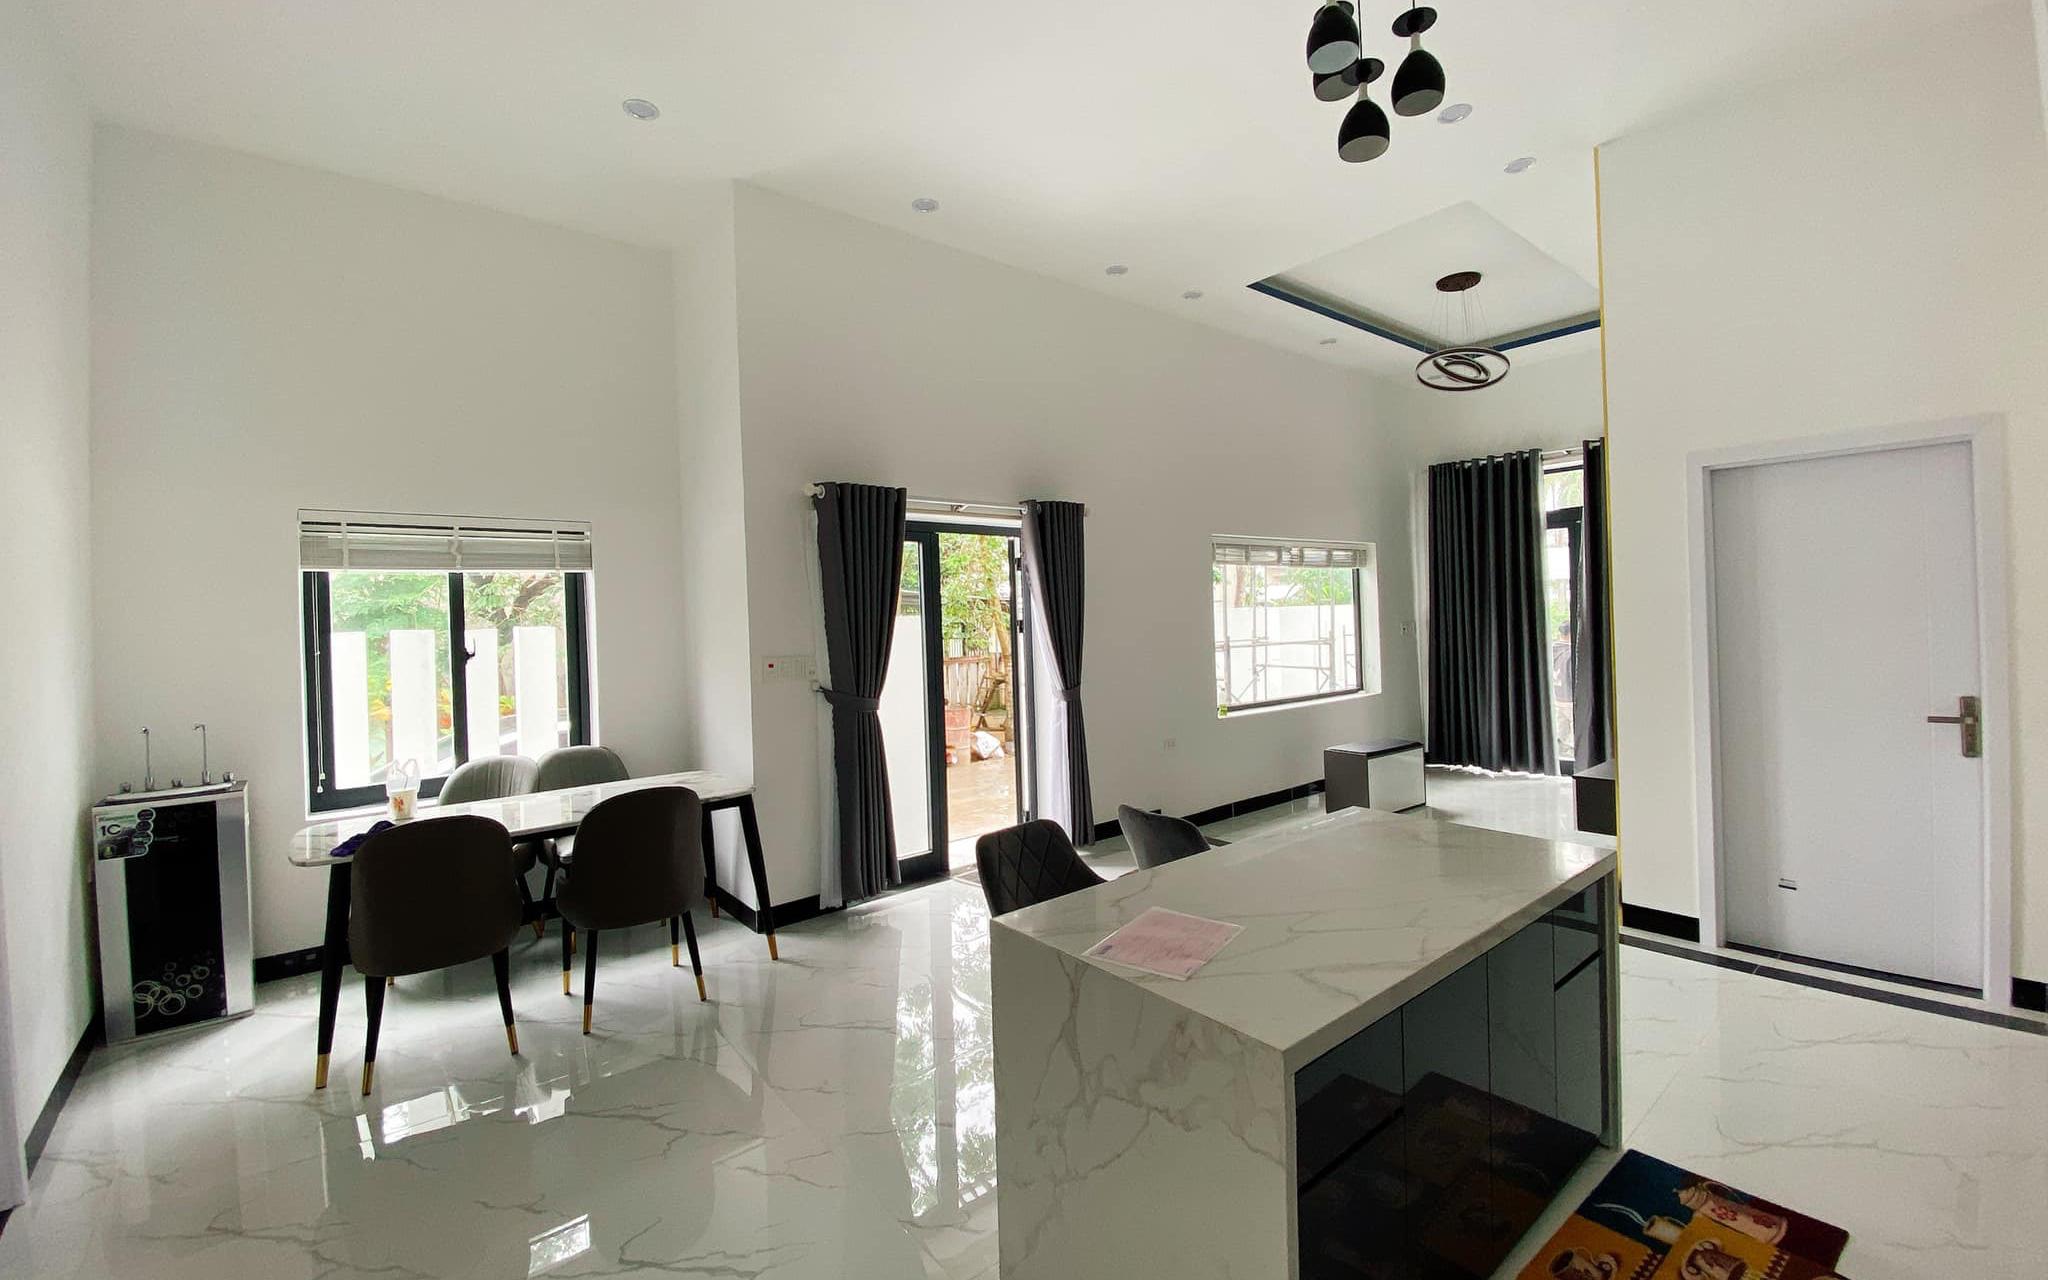 Nhà cấp 4 tự tay hai vợ chồng trẻ lên ý tưởng và thiết kế với tổng chi phí hơn 1 tỷ đồng ở Quảng Ngãi